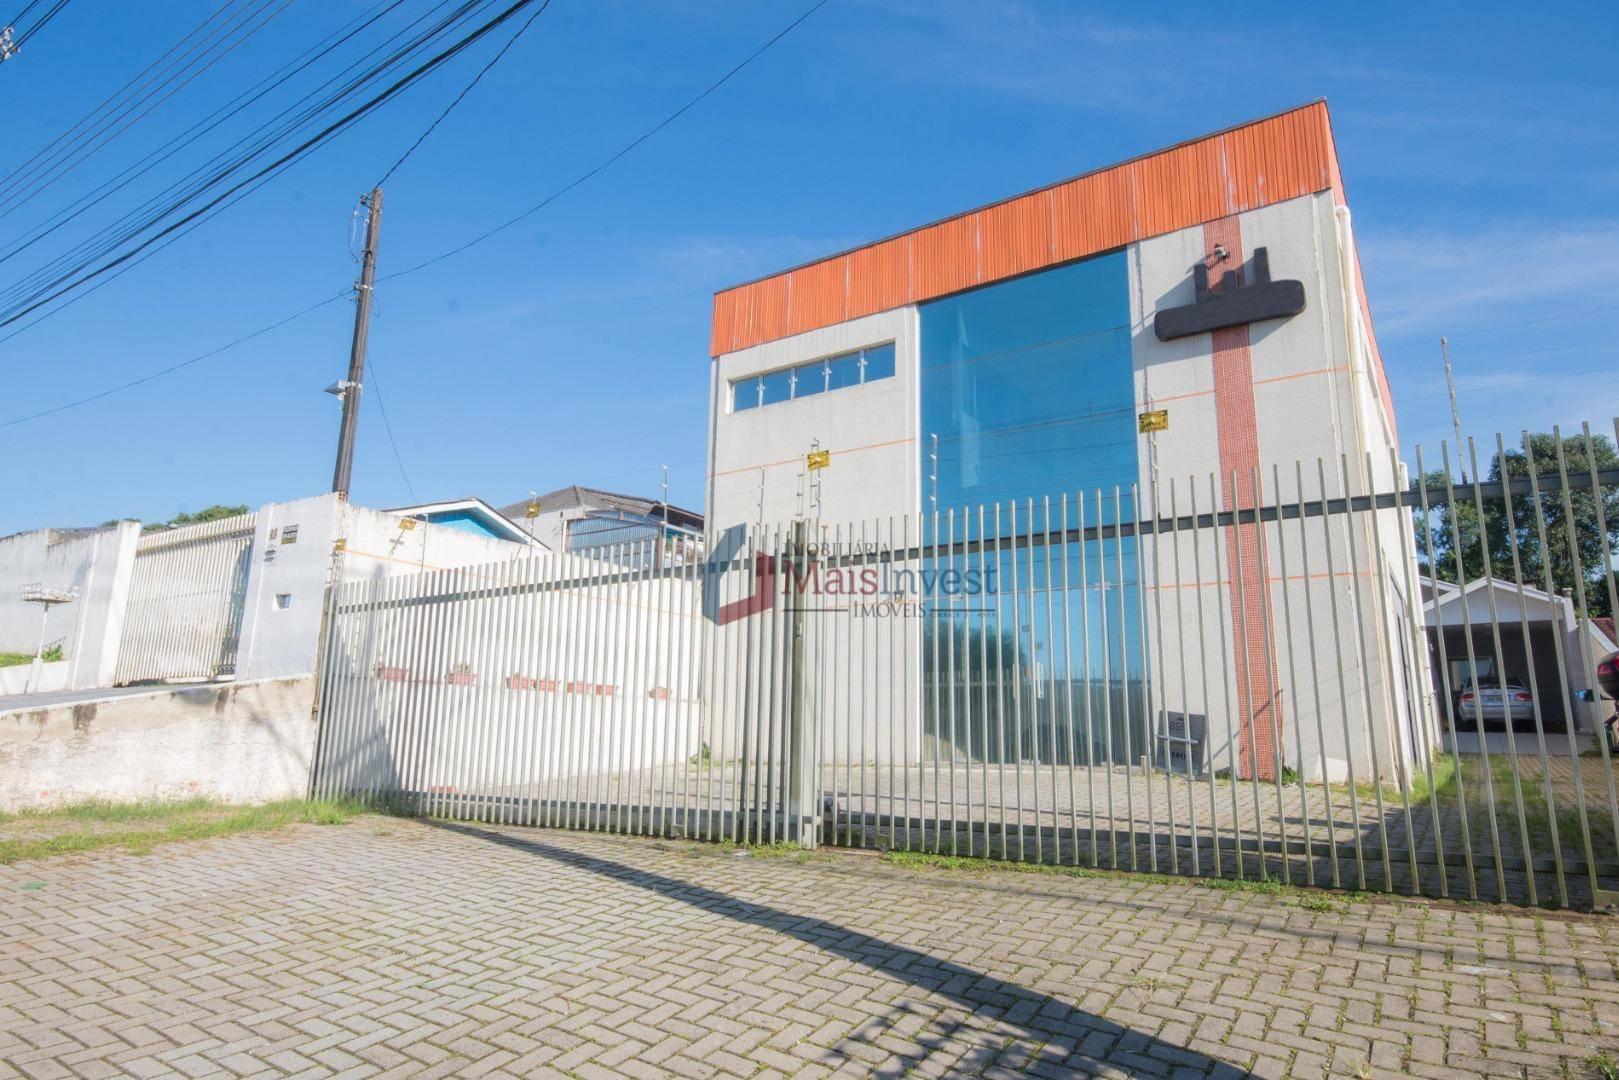 Barracão à venda, 220 m² por R$ 795.000 - Santa Cândida - Curitiba/PR